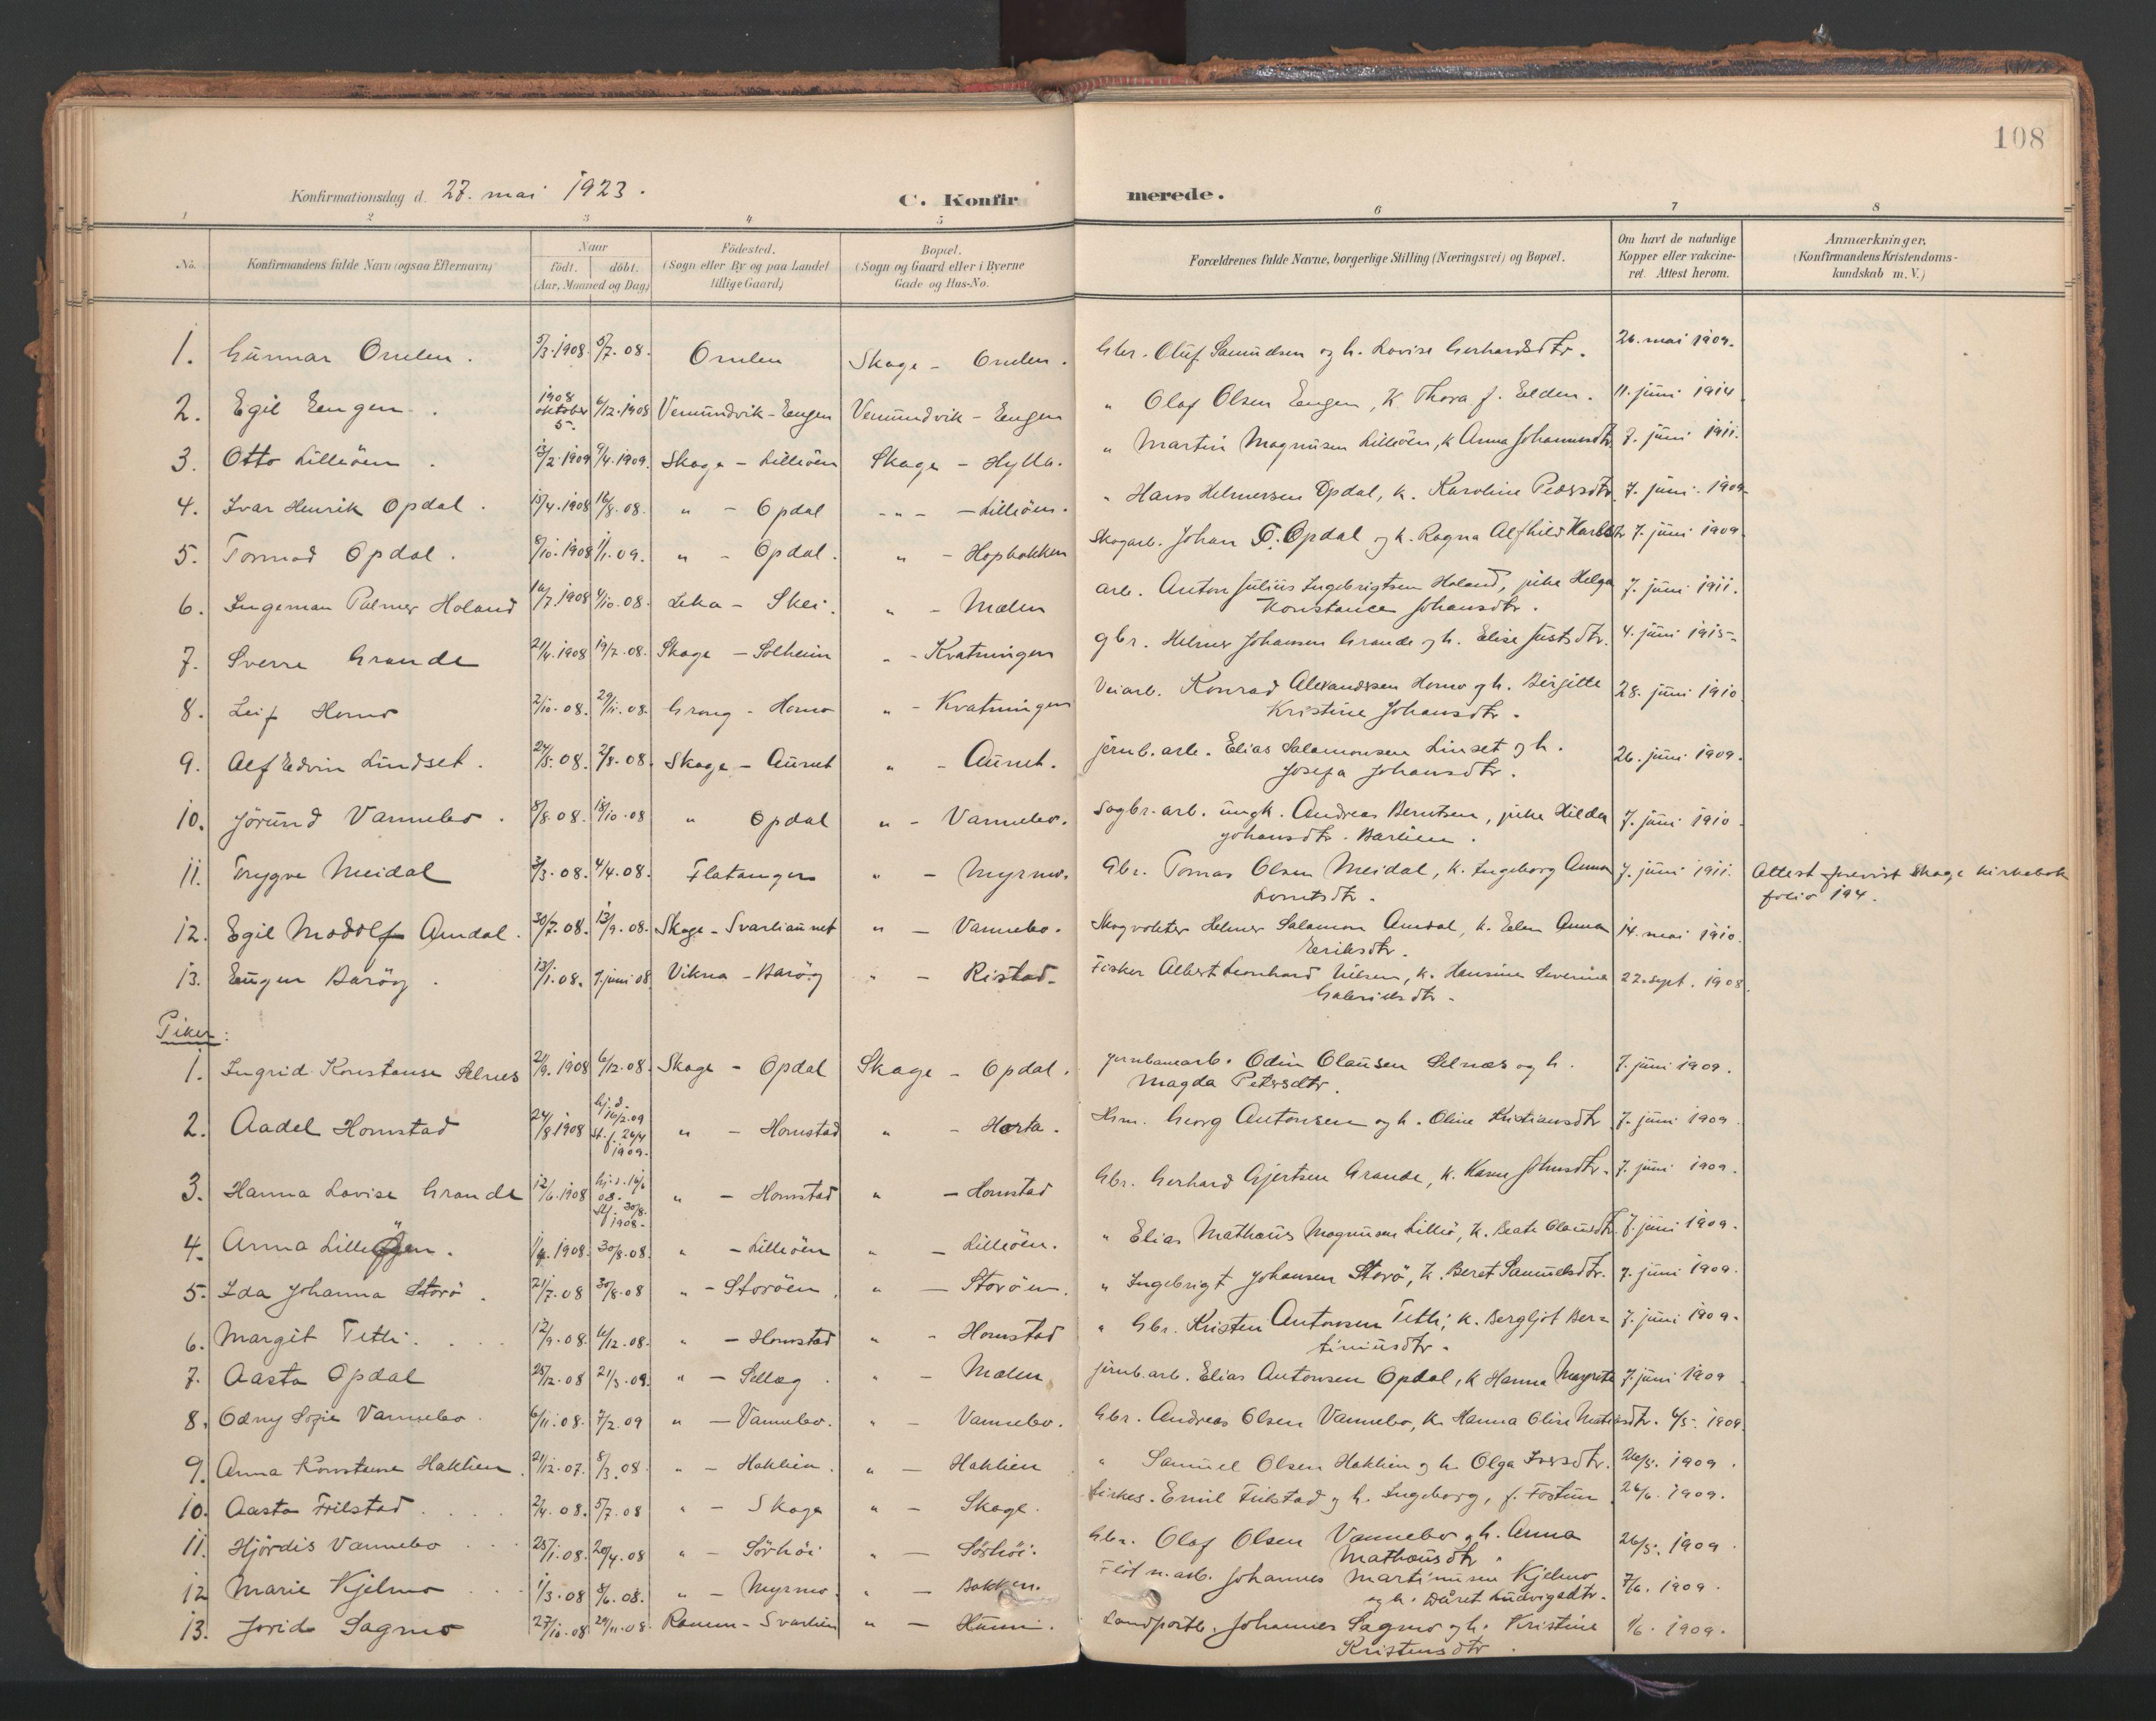 SAT, Ministerialprotokoller, klokkerbøker og fødselsregistre - Nord-Trøndelag, 766/L0564: Ministerialbok nr. 767A02, 1900-1932, s. 108